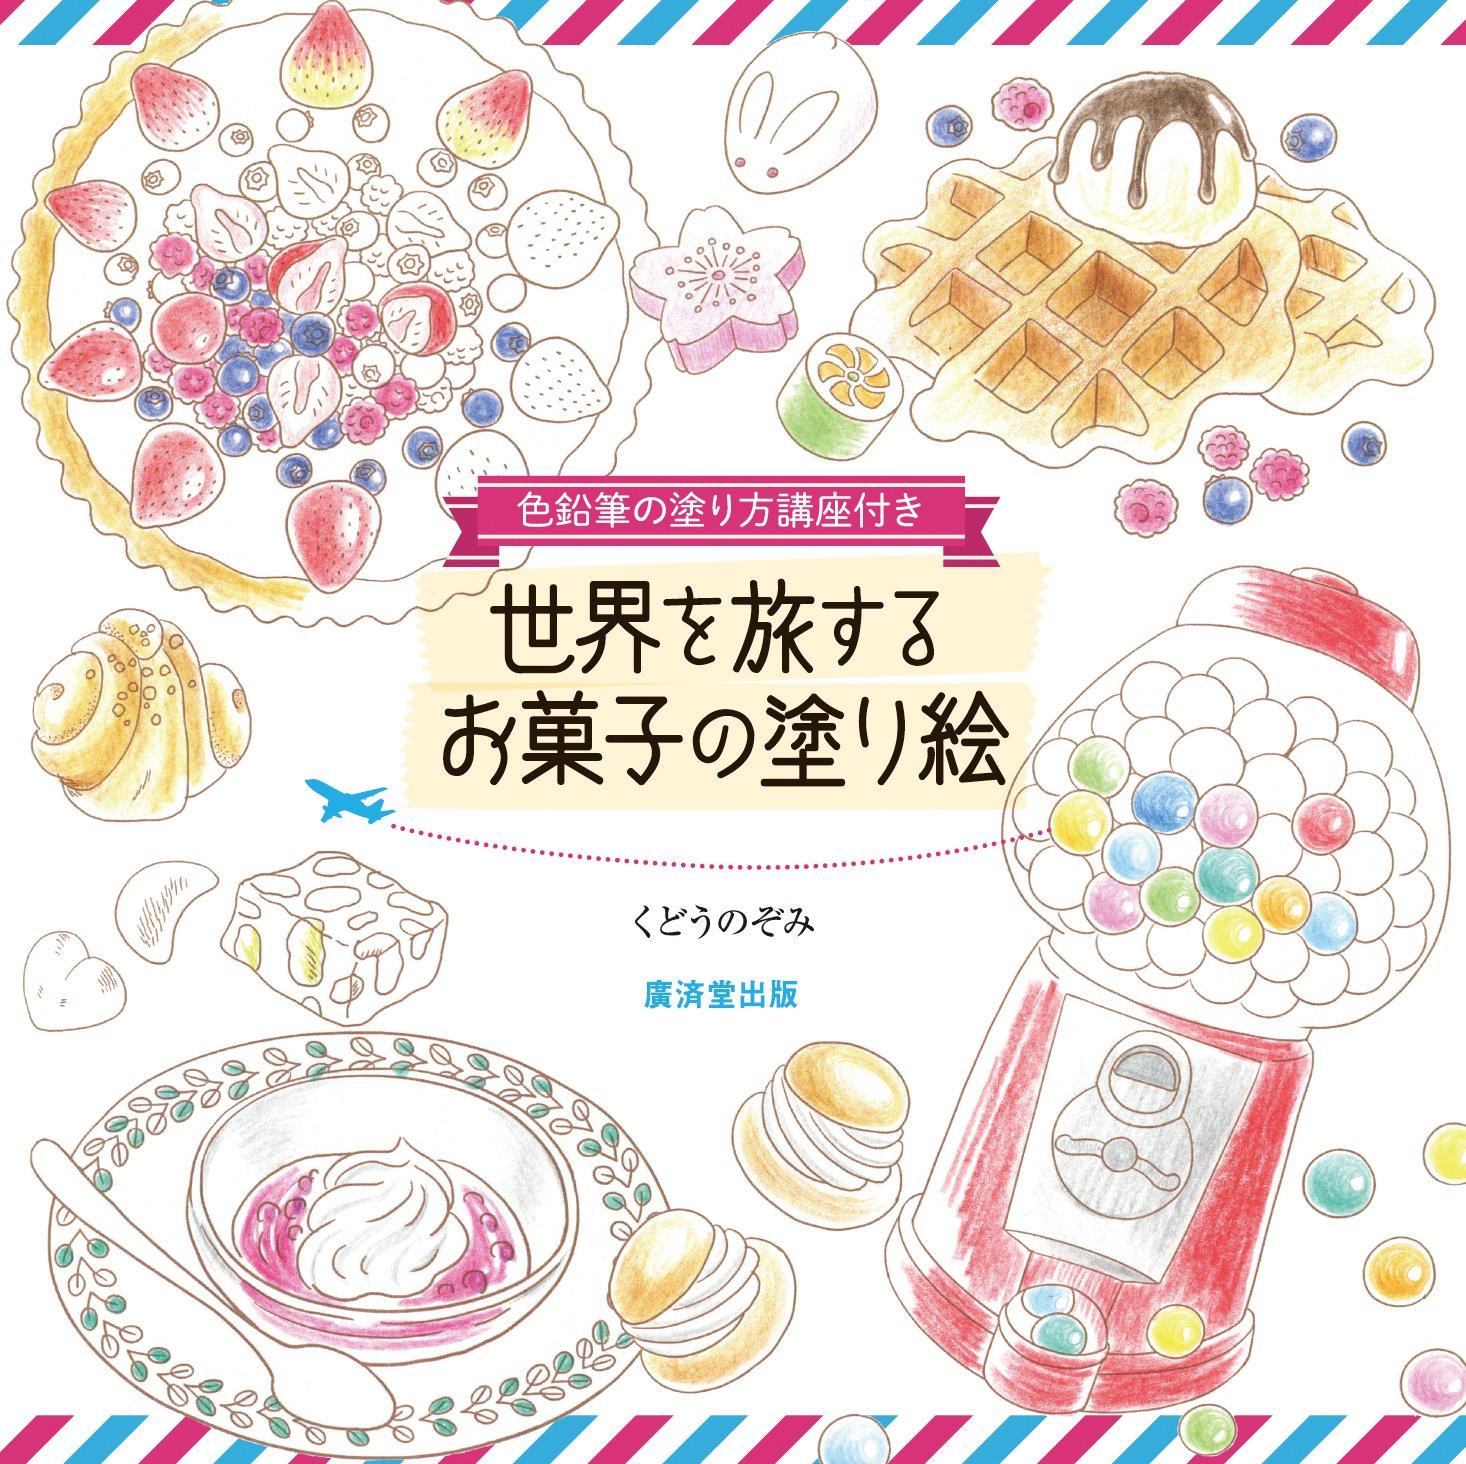 世界を旅する お菓子の塗り絵 くどうのぞみ 本 通販 Amazon